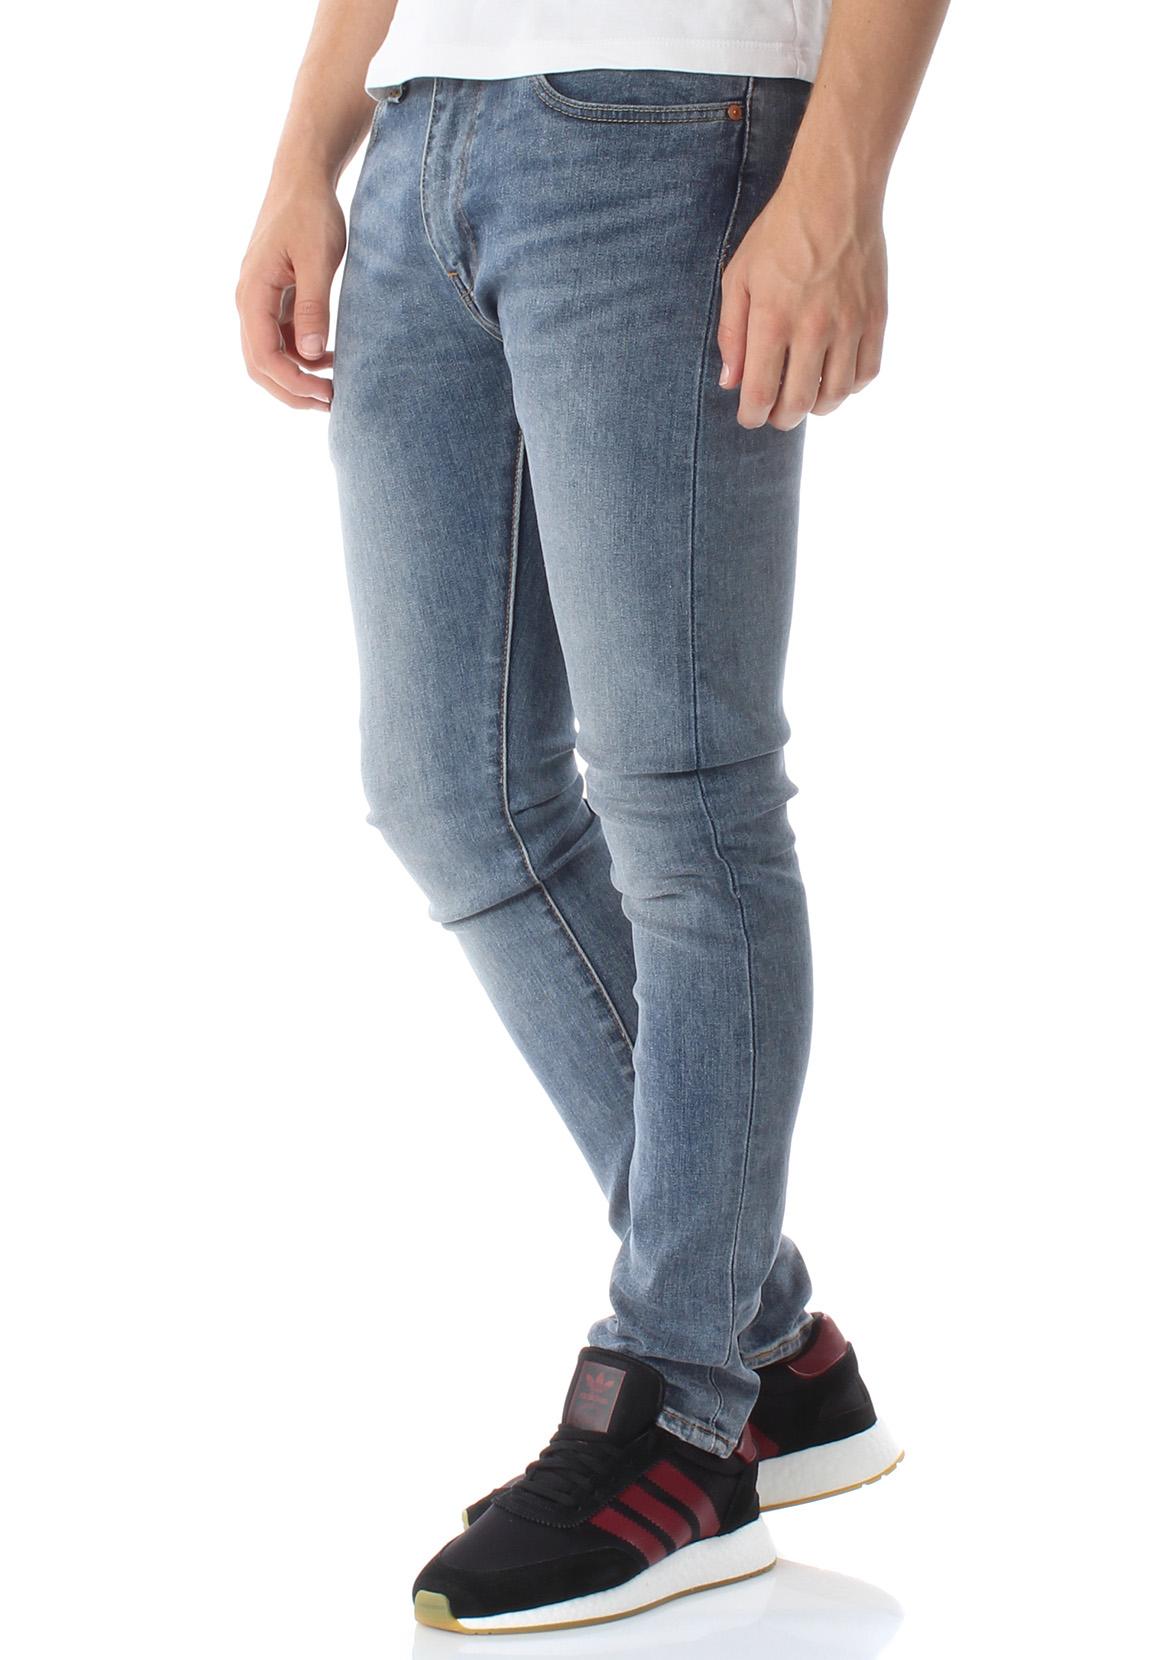 levis herren jeans 519 extreme skinny advanced stretch. Black Bedroom Furniture Sets. Home Design Ideas